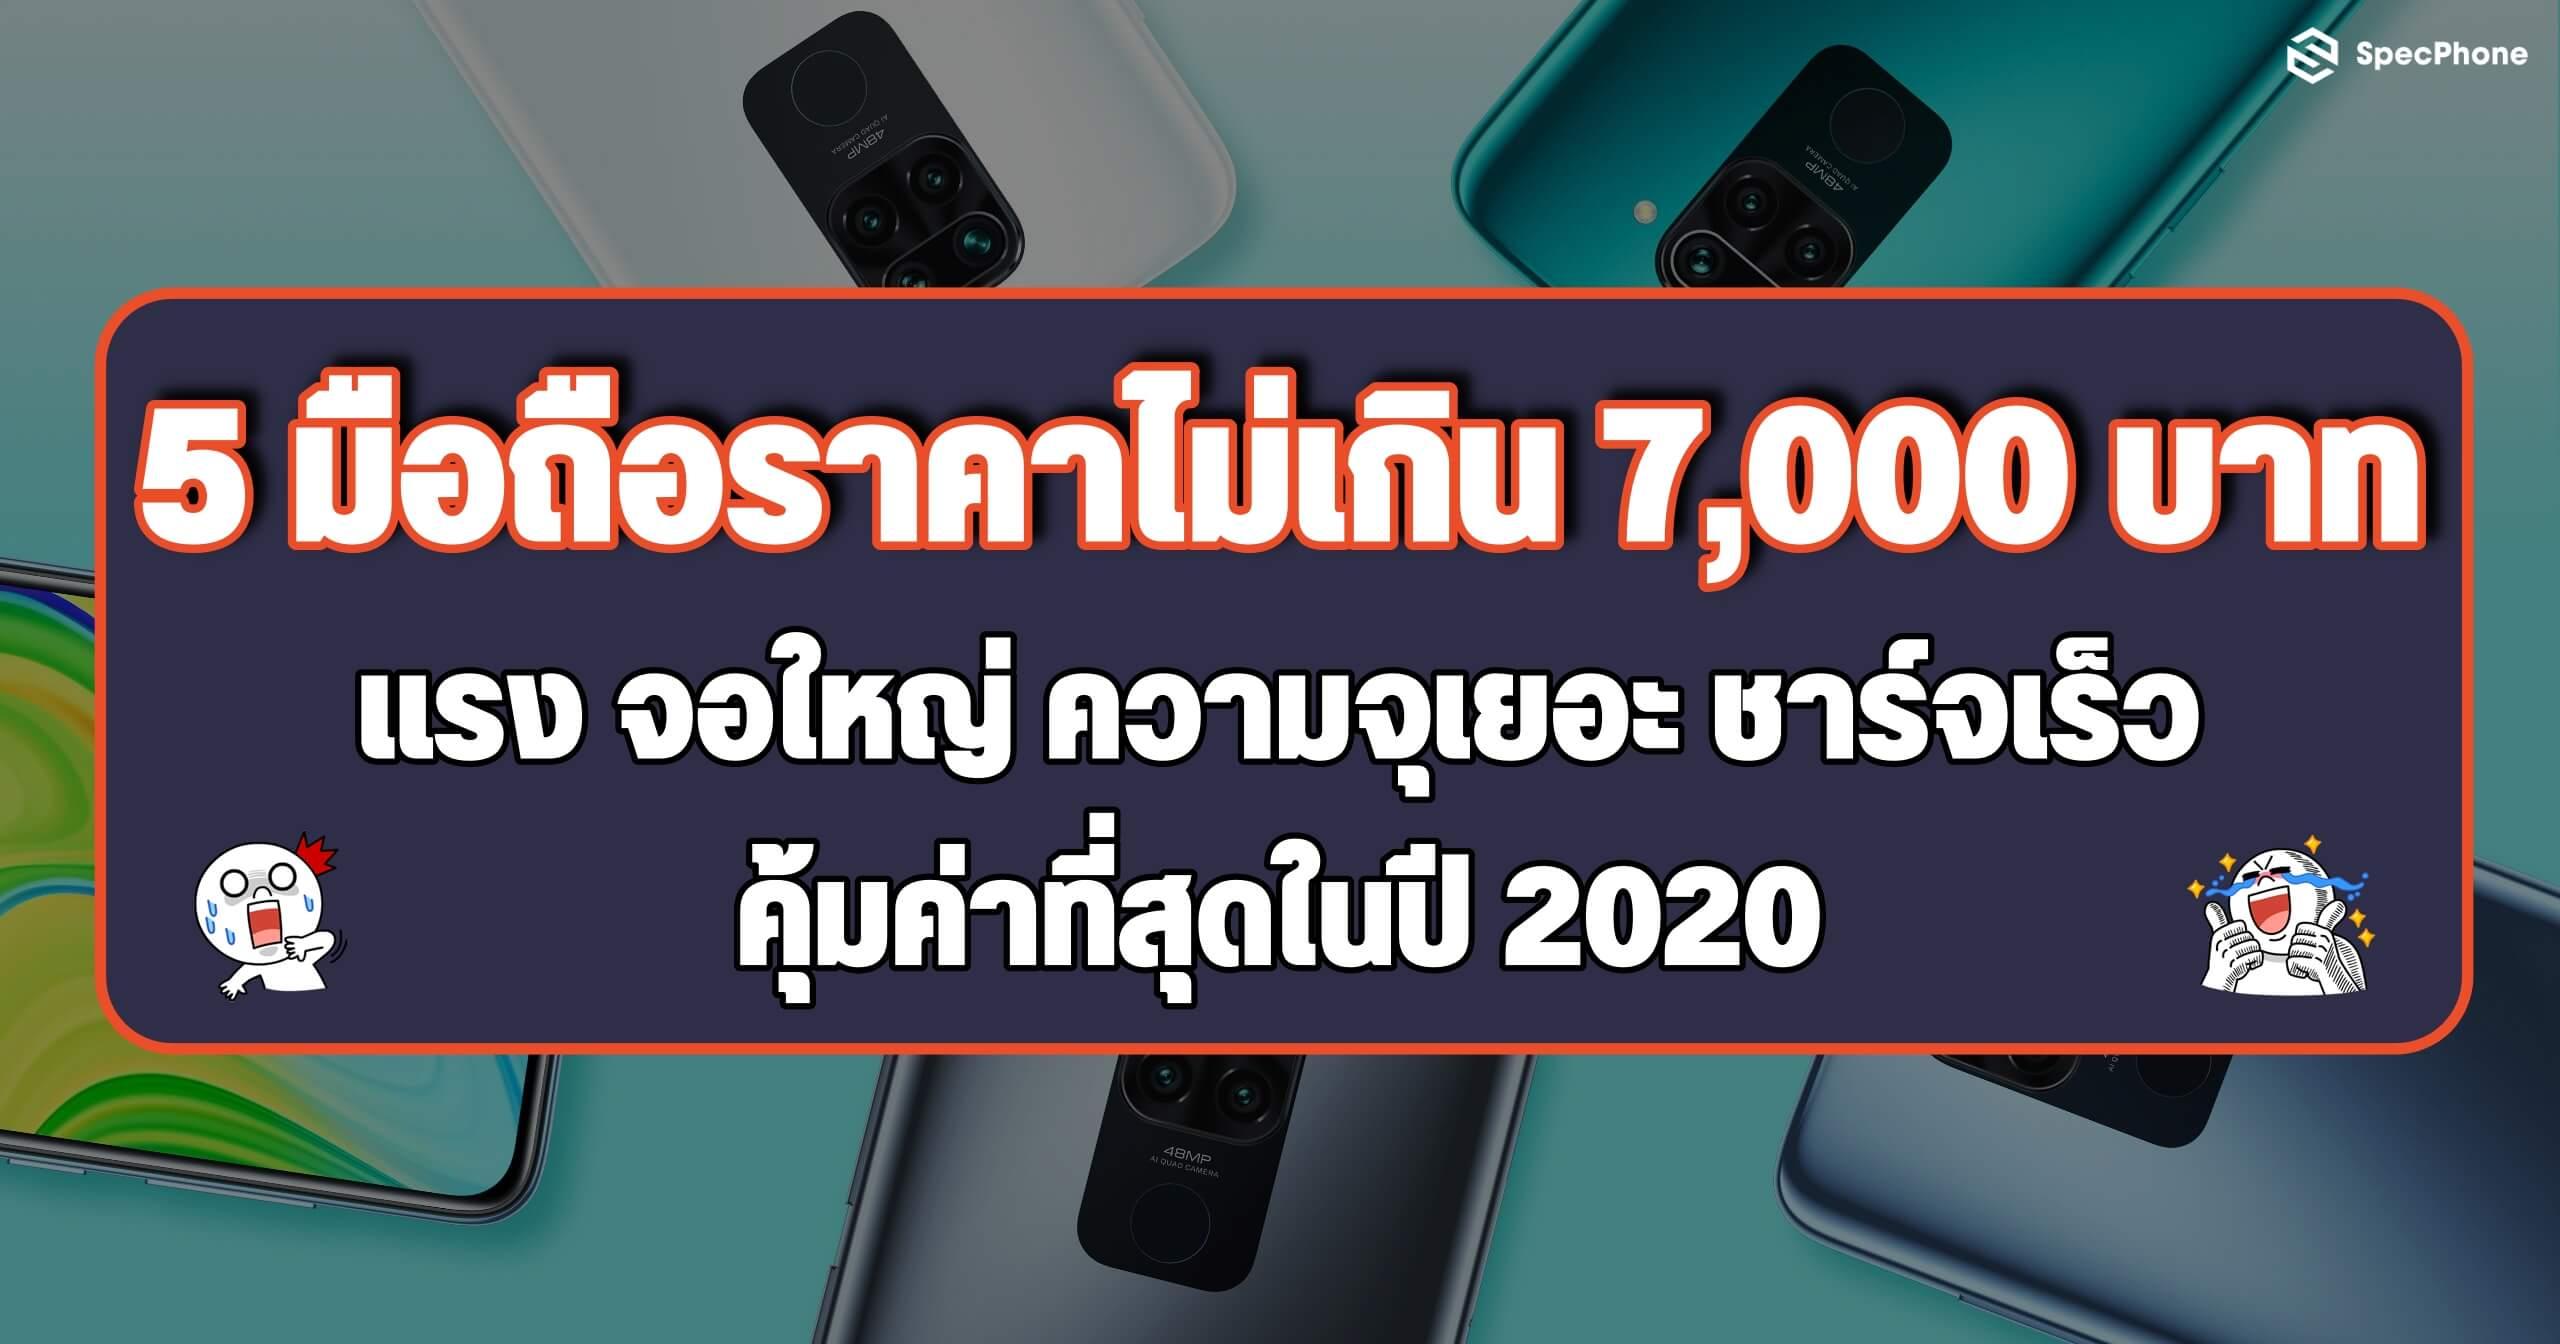 แนะนำ 5 มือถือราคาไม่เกิน 7,000 บาท แรง จอใหญ่ ความจุเยอะ ชาร์จเร็ว คุ้มค่าที่สุดในปี 2020